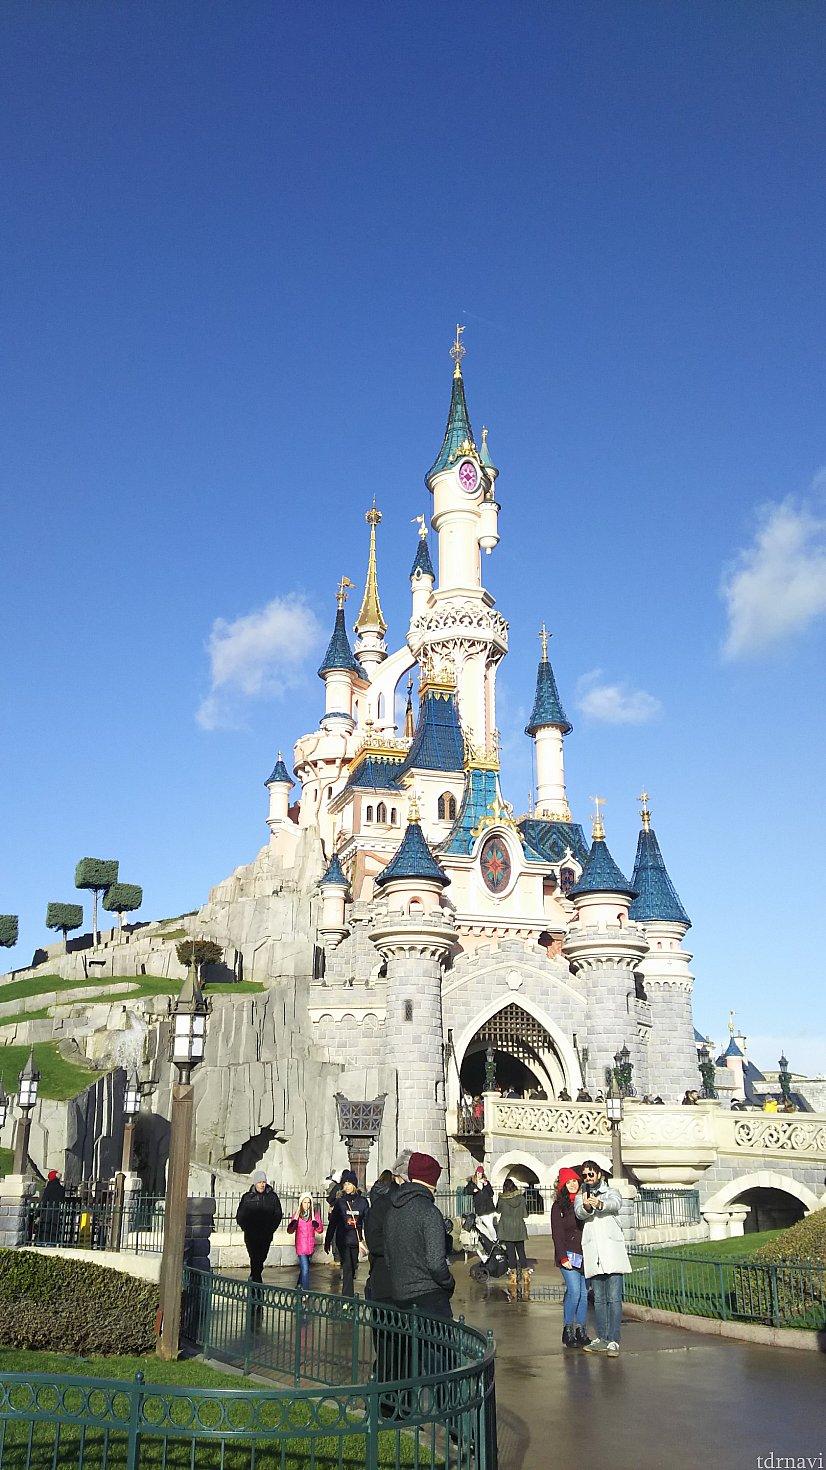 ディズニーランドパリのお城、貴重な晴れの写真です!